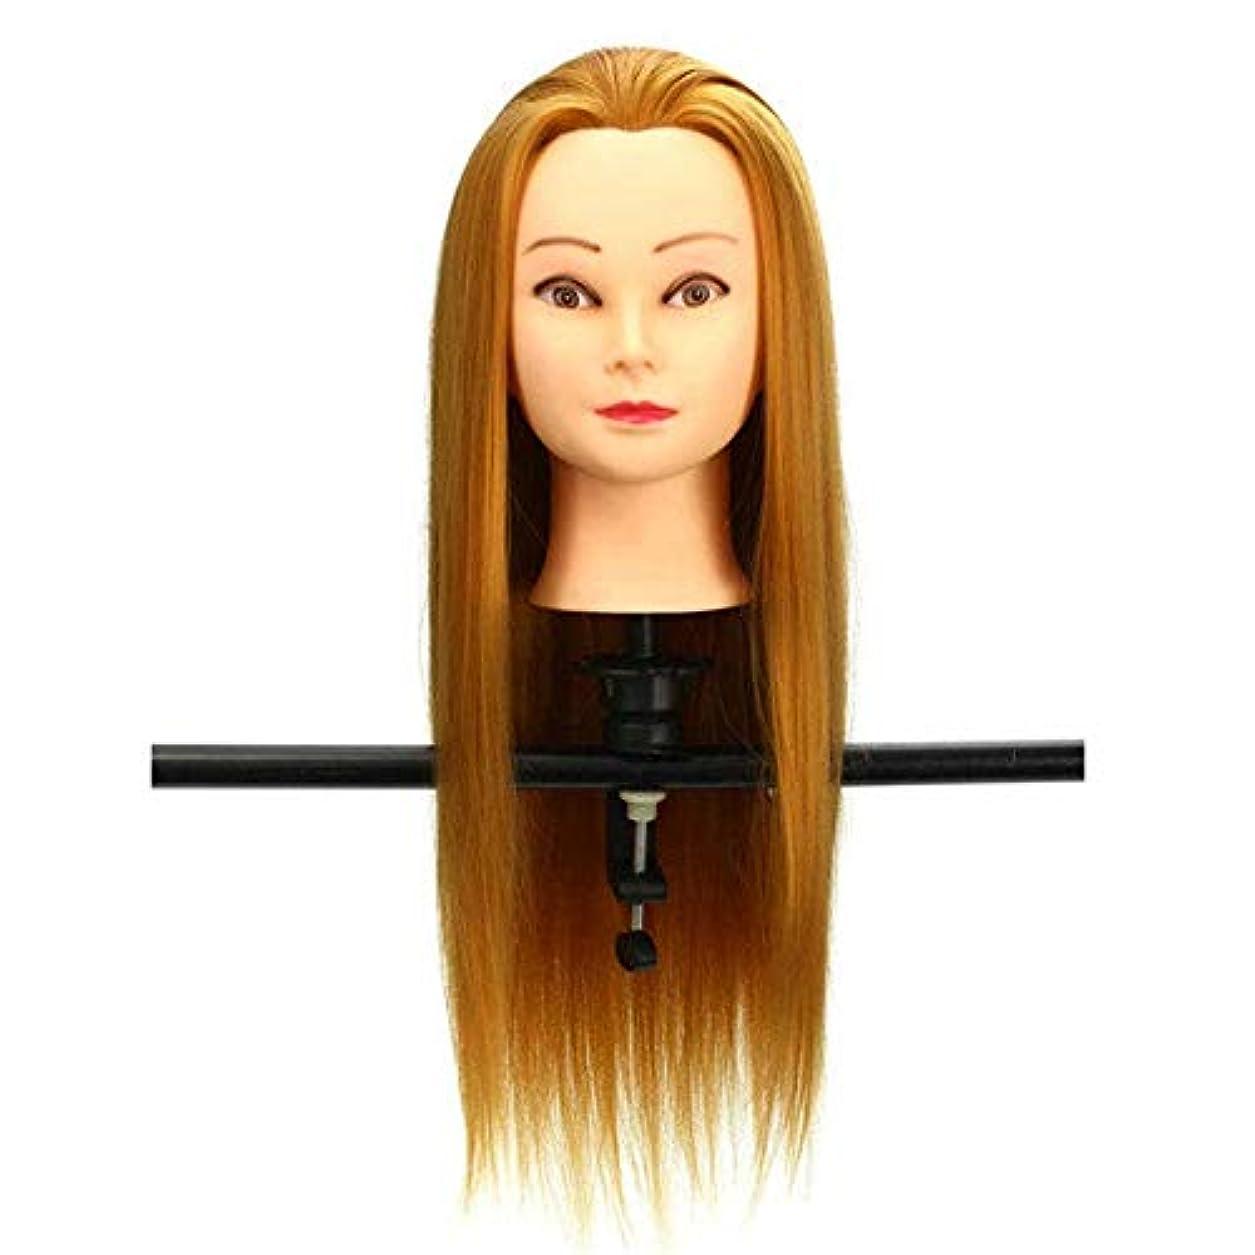 松自殺モルヒネヘアマネキンヘッド 30%の黄金の実ヘアーヘアーサロンマネキントレーニング頭部モデル散髪理髪 ヘア理髪トレーニングモデル付き (色 : Golden, サイズ : 22